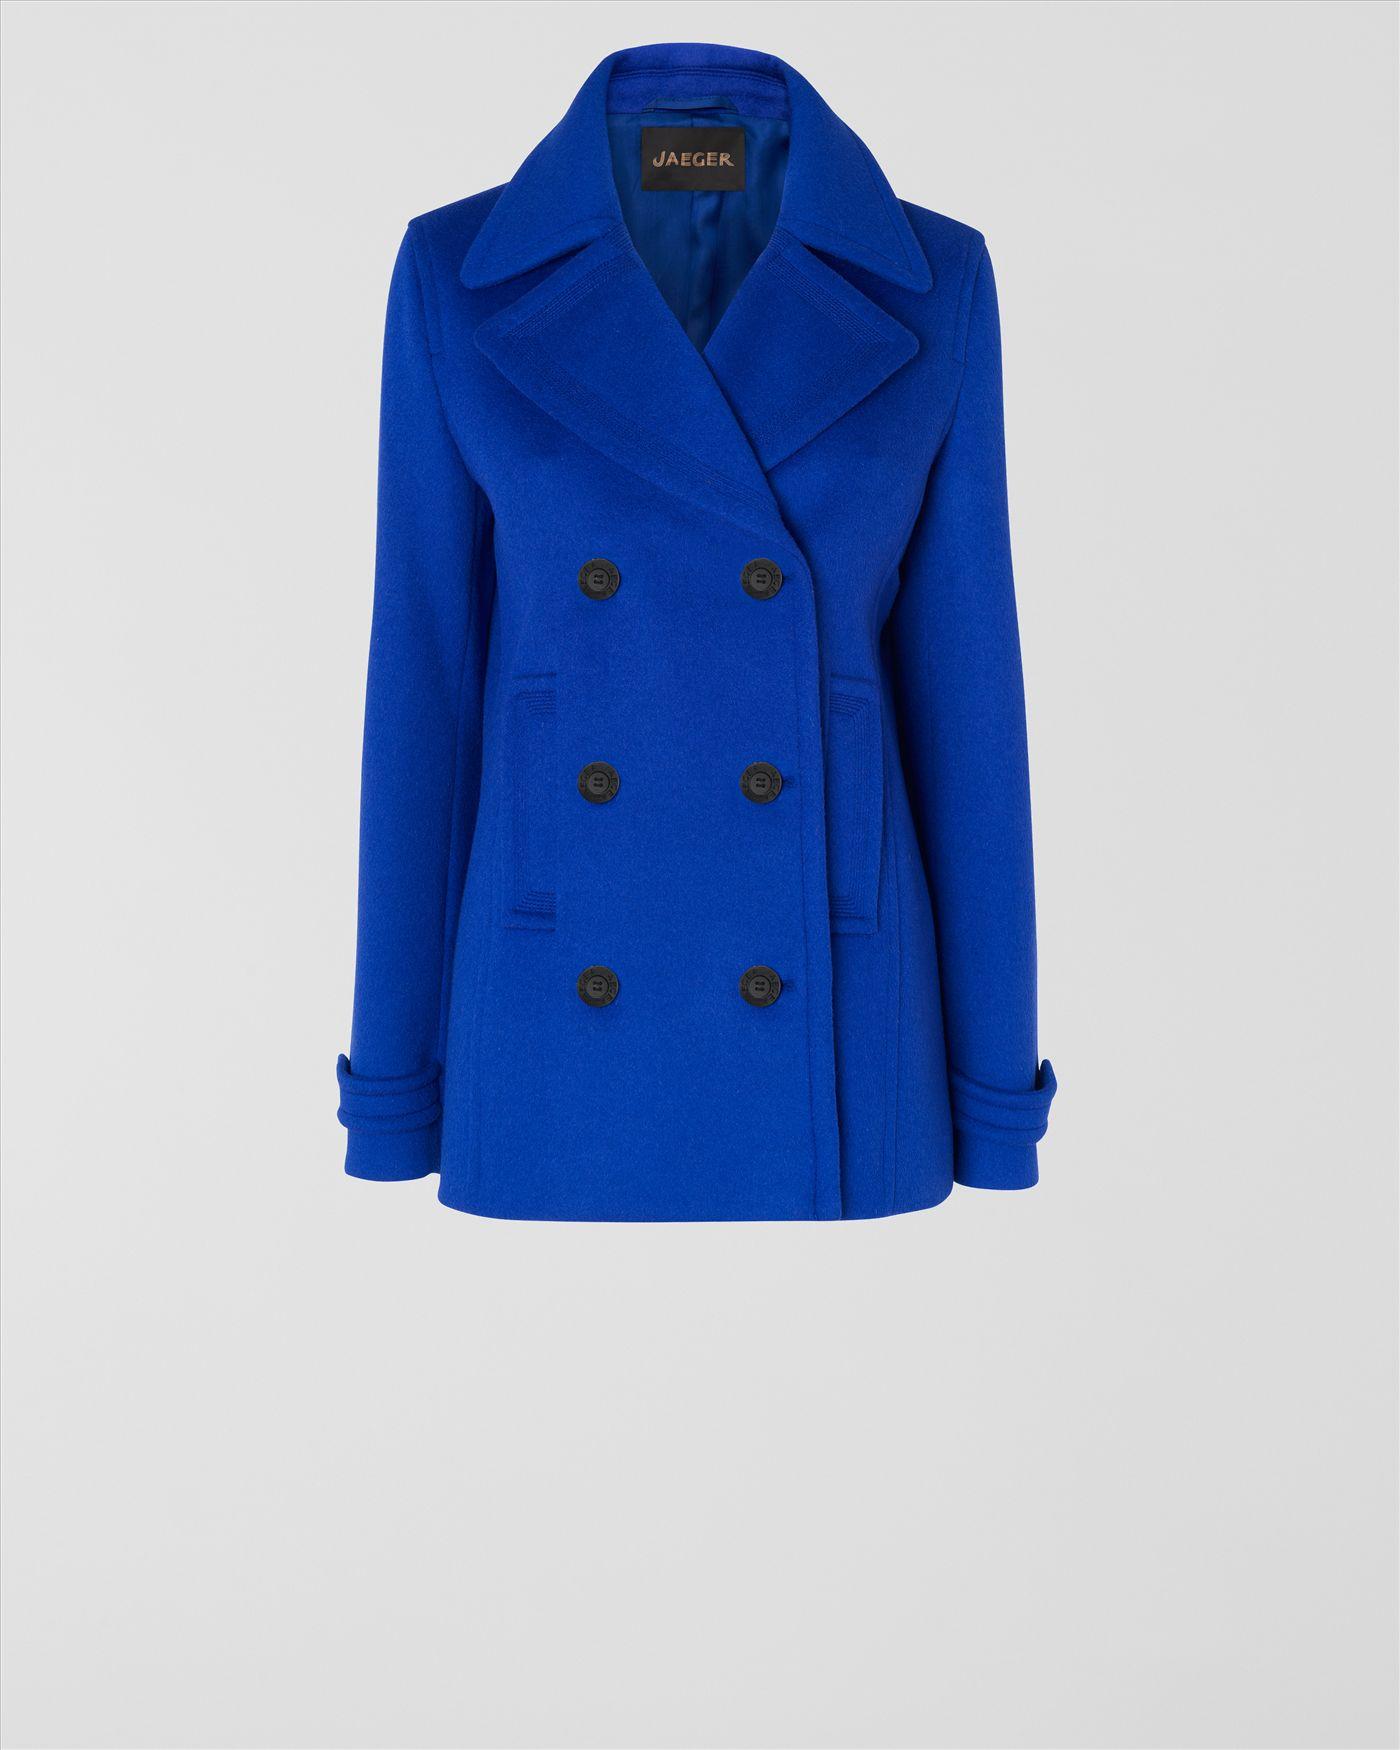 Jaeger Short Pea Coat in Blue   Lyst